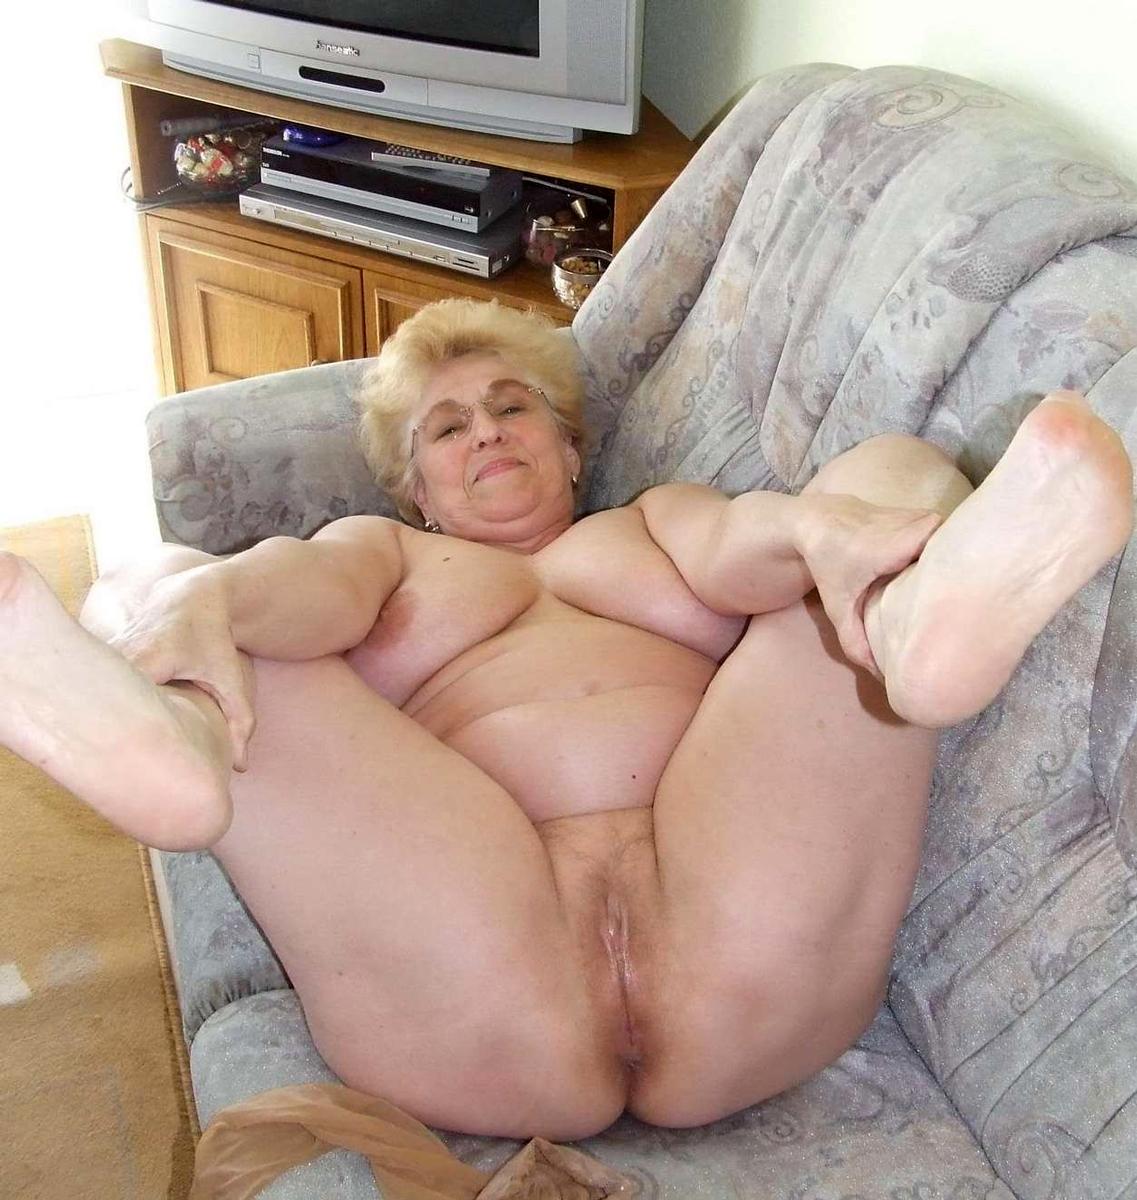 naked vagina gran porn